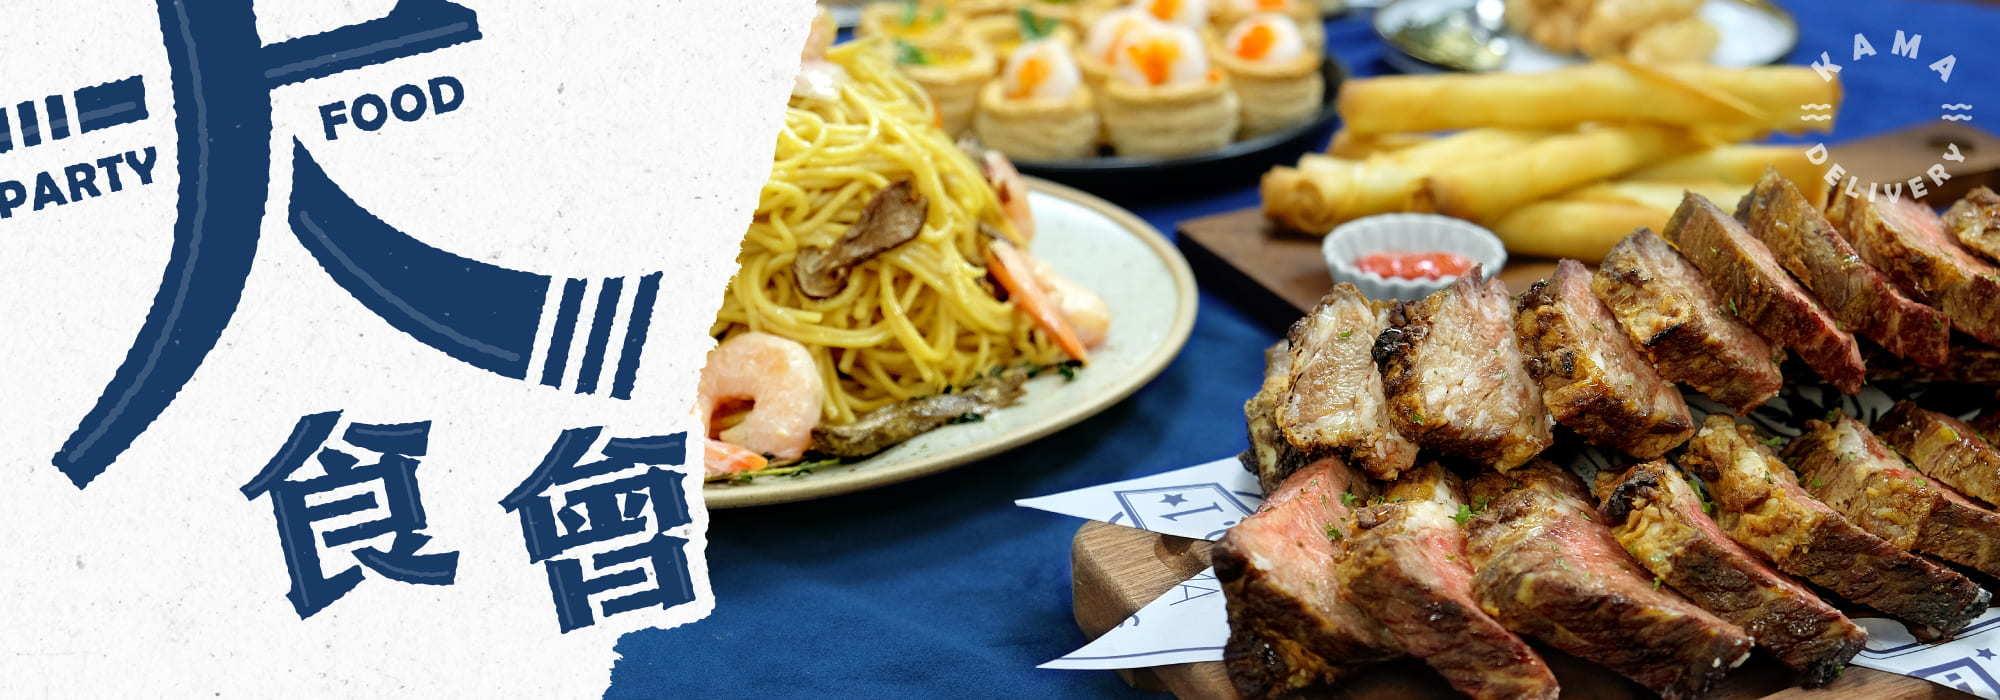 11款開Party大食會餐單ideas 熱門簡單小食推介 Kama Delivery到會外賣速遞服務